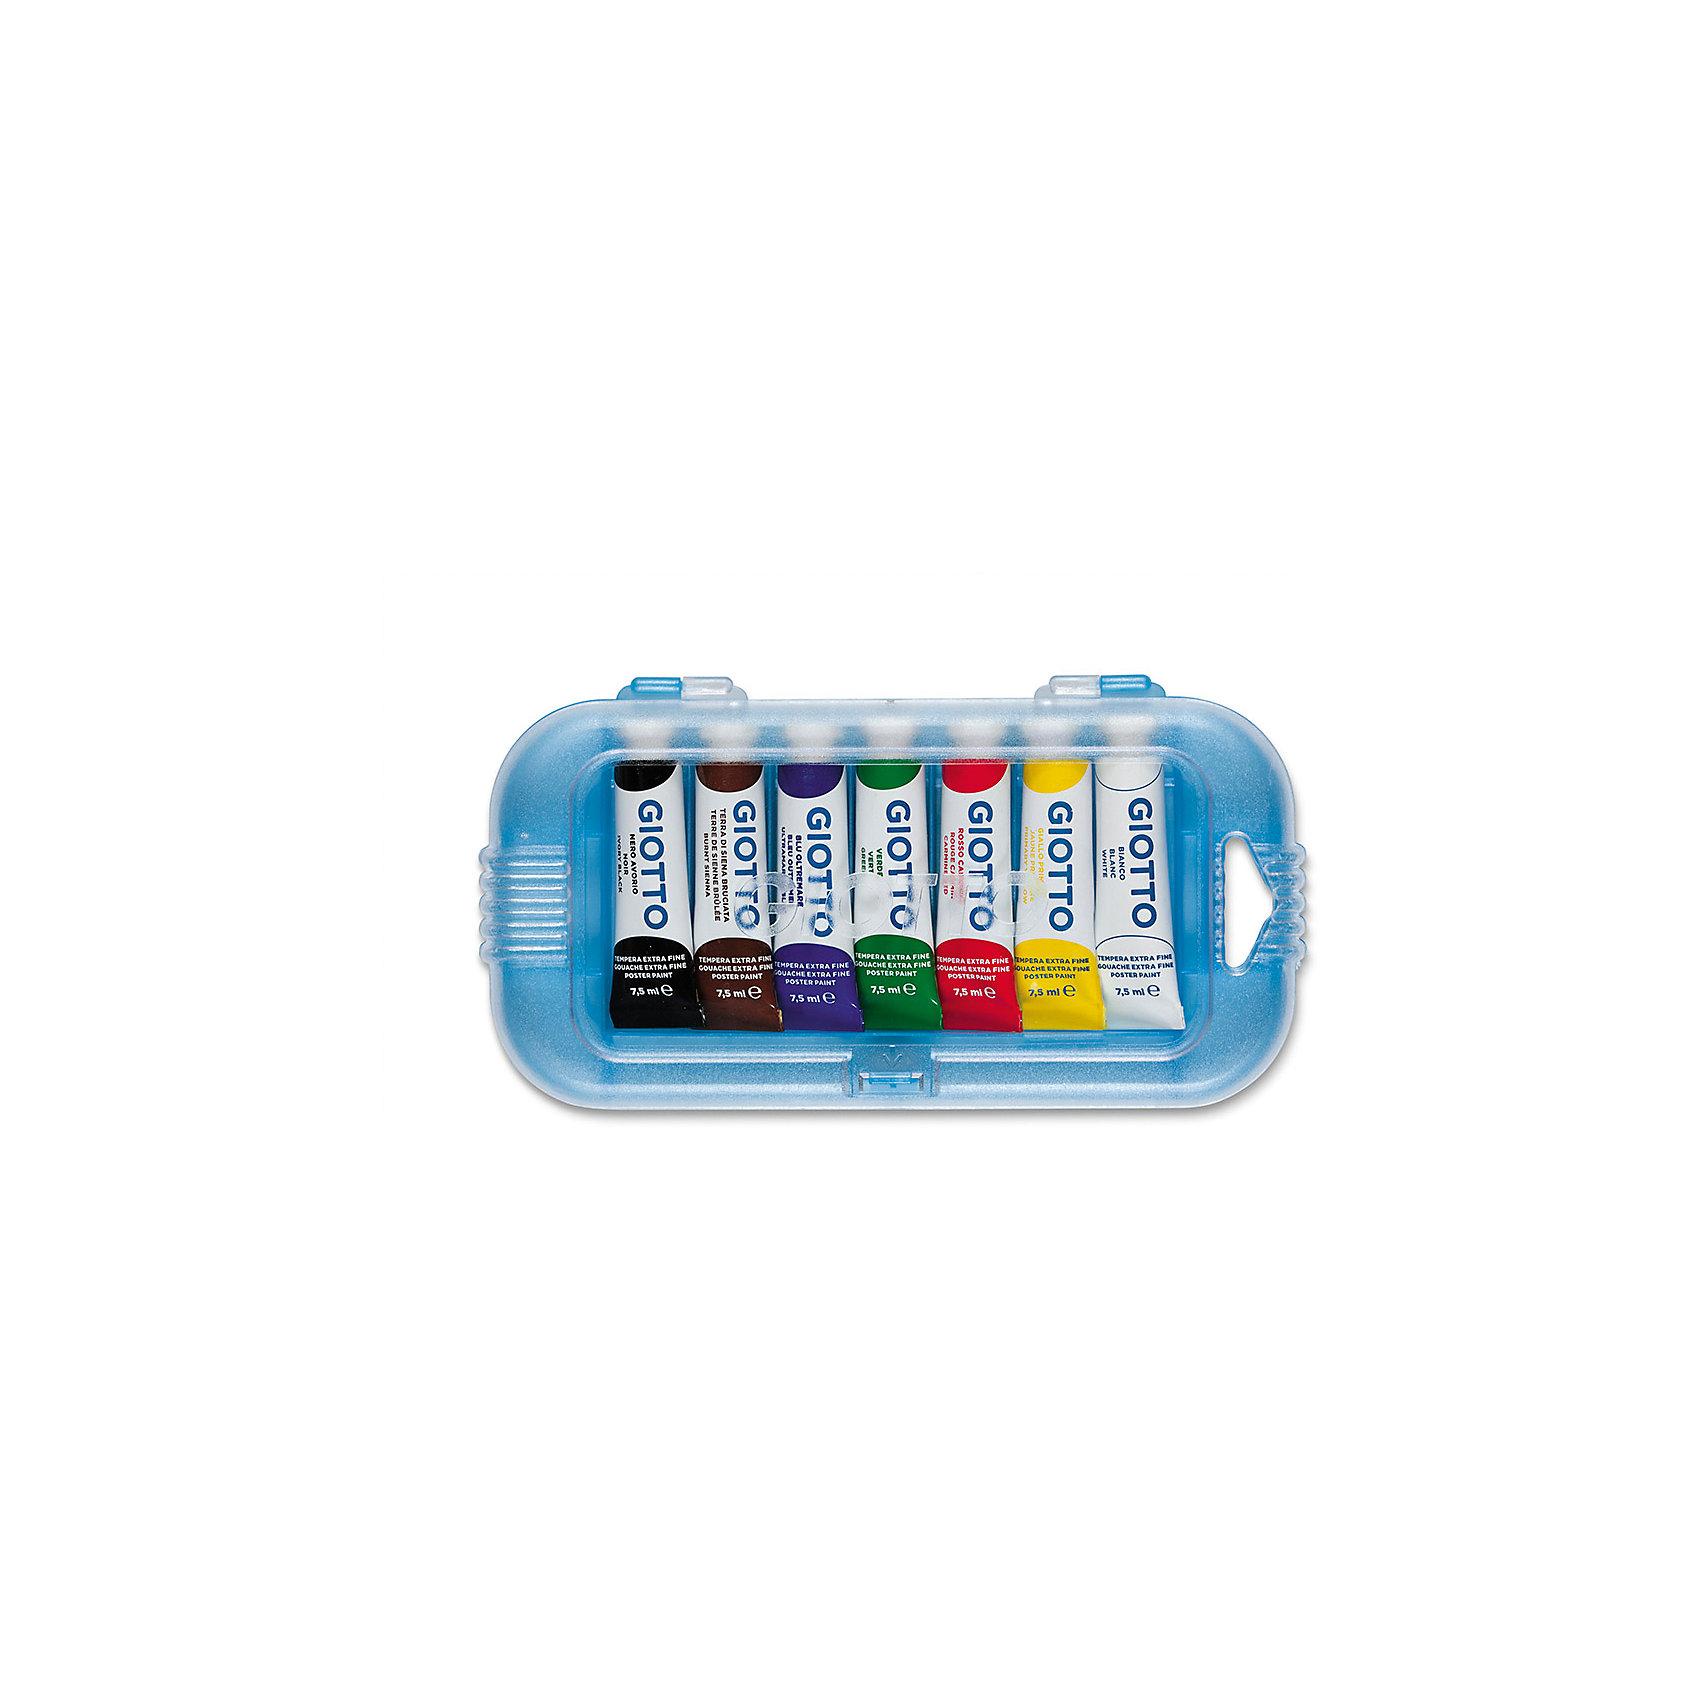 Плакатная гуашь на водной основе в алюминиевых тюбиках 7,5 мл х 7 цветовПлакатная гуашь на водной основе в алюминиевых тюбиках 7,5 мл х 7 цв. Экстра-яркие насыщенные цвета, высокая концентрация пигмента, максимальная укрывистость. Набор в палстиковом кейсе.<br><br>Ширина мм: 21<br>Глубина мм: 102<br>Высота мм: 190<br>Вес г: 163<br>Возраст от месяцев: 72<br>Возраст до месяцев: 120<br>Пол: Унисекс<br>Возраст: Детский<br>SKU: 5107819